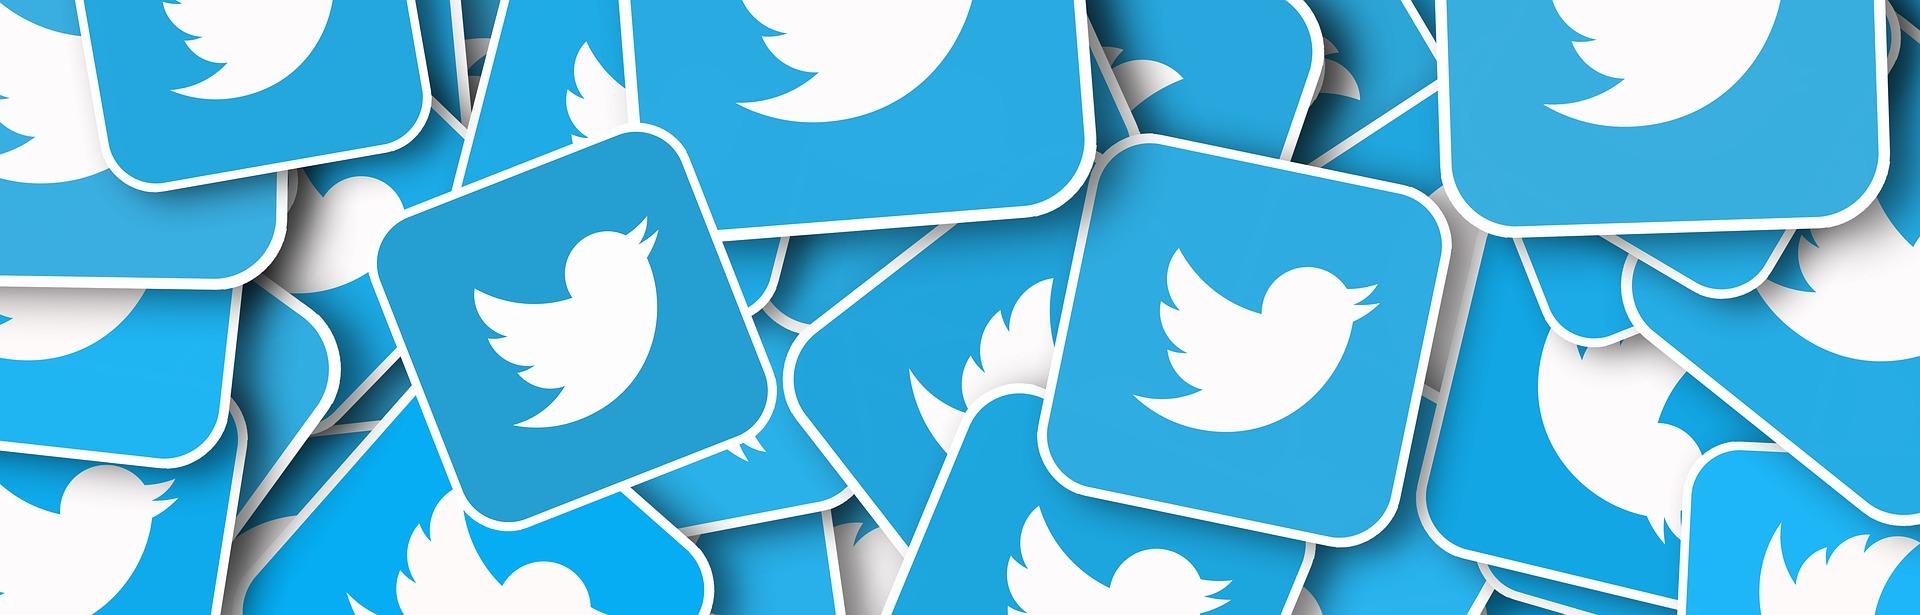 Twitter bildirimler ile ilgili yeni bir özelliği test ediyor